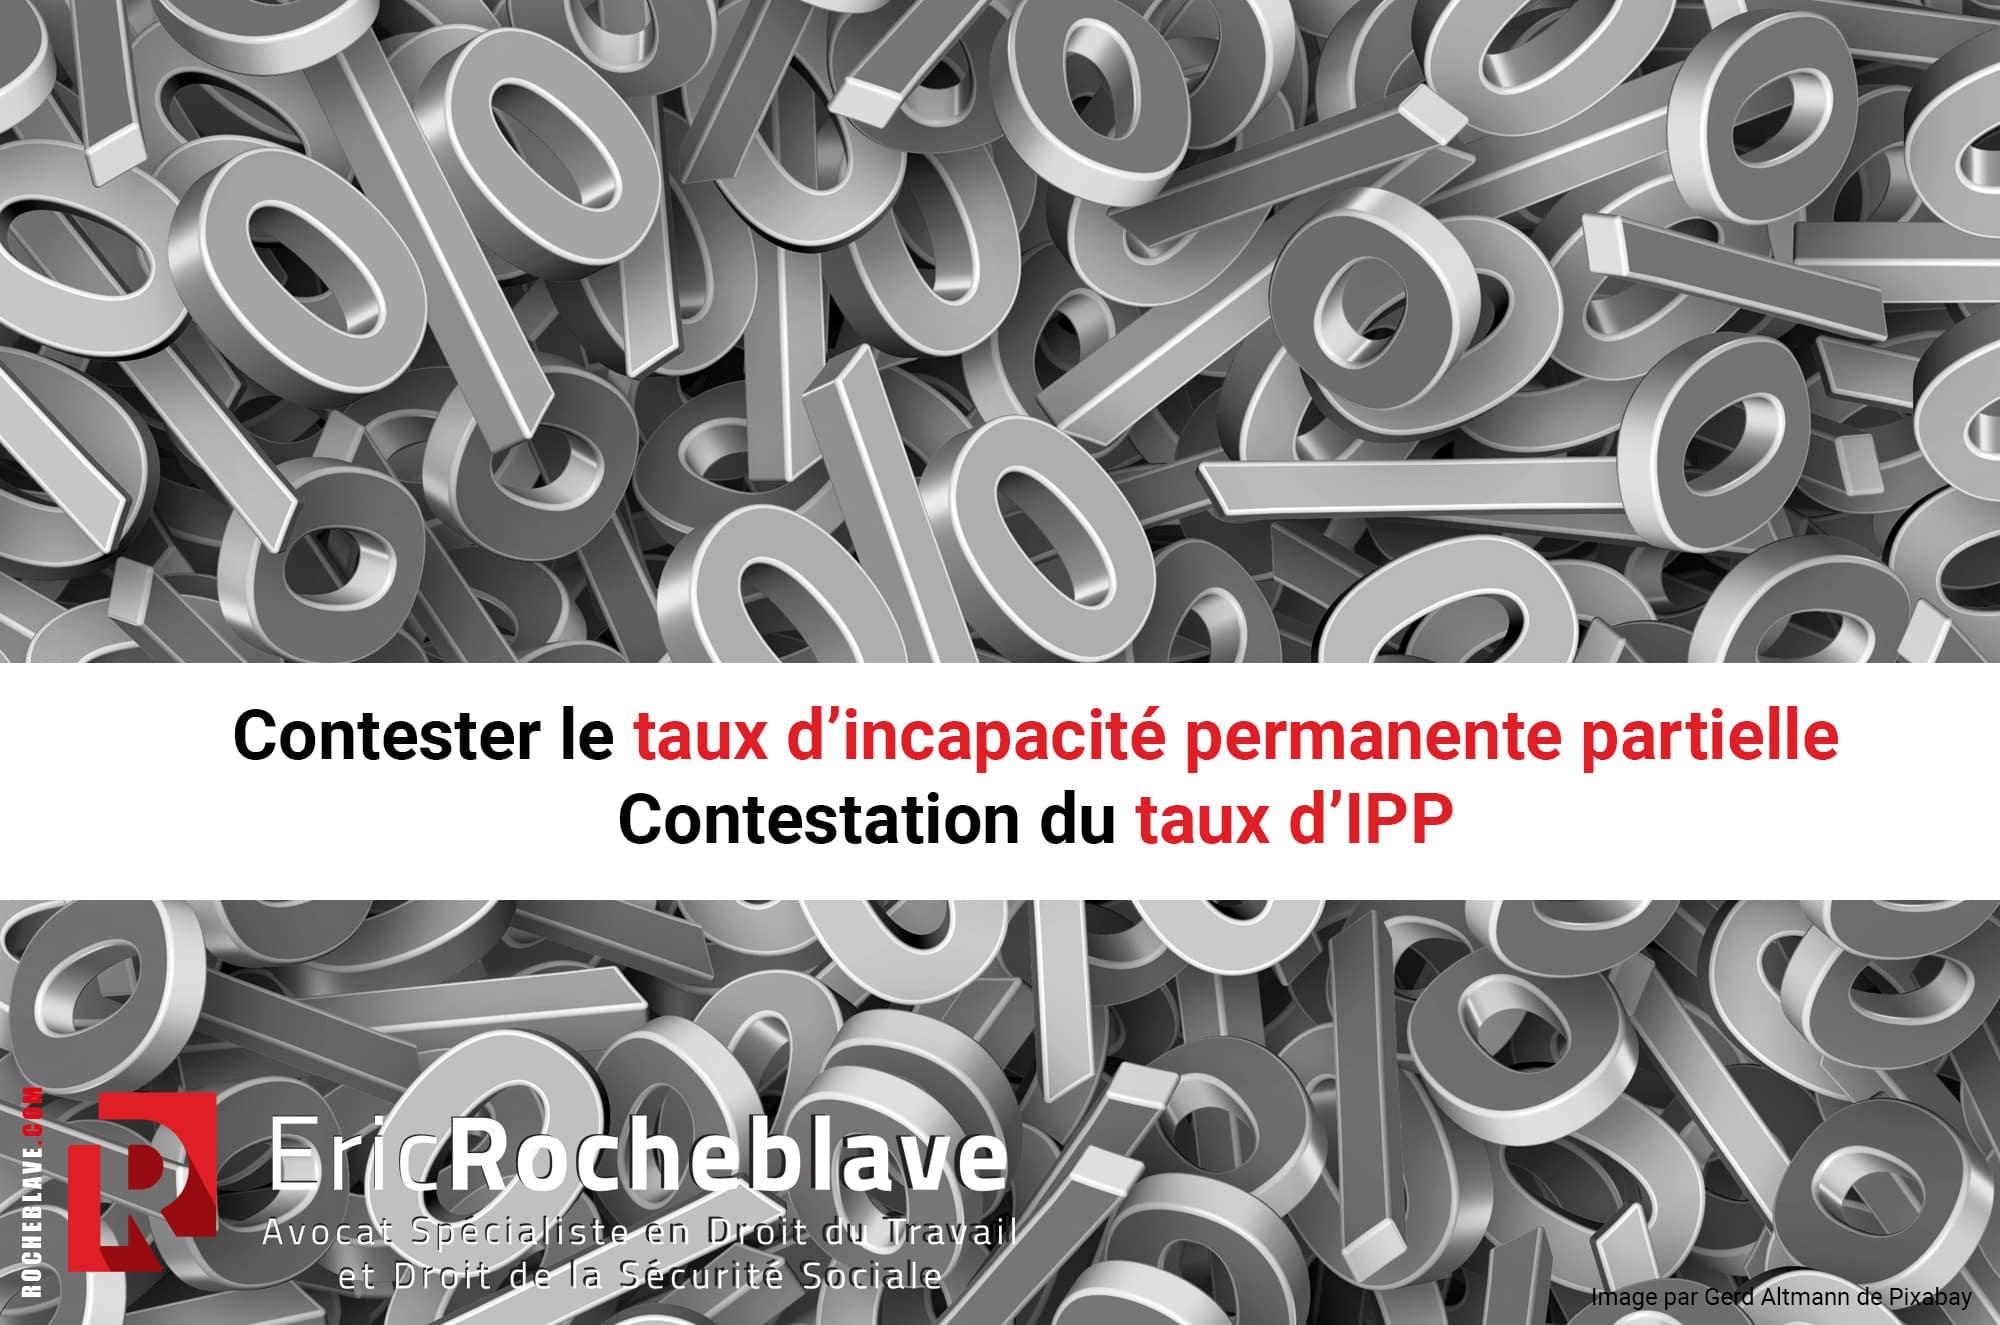 Contester le taux d'incapacité permanente partielle - Contestation du taux d'IPP